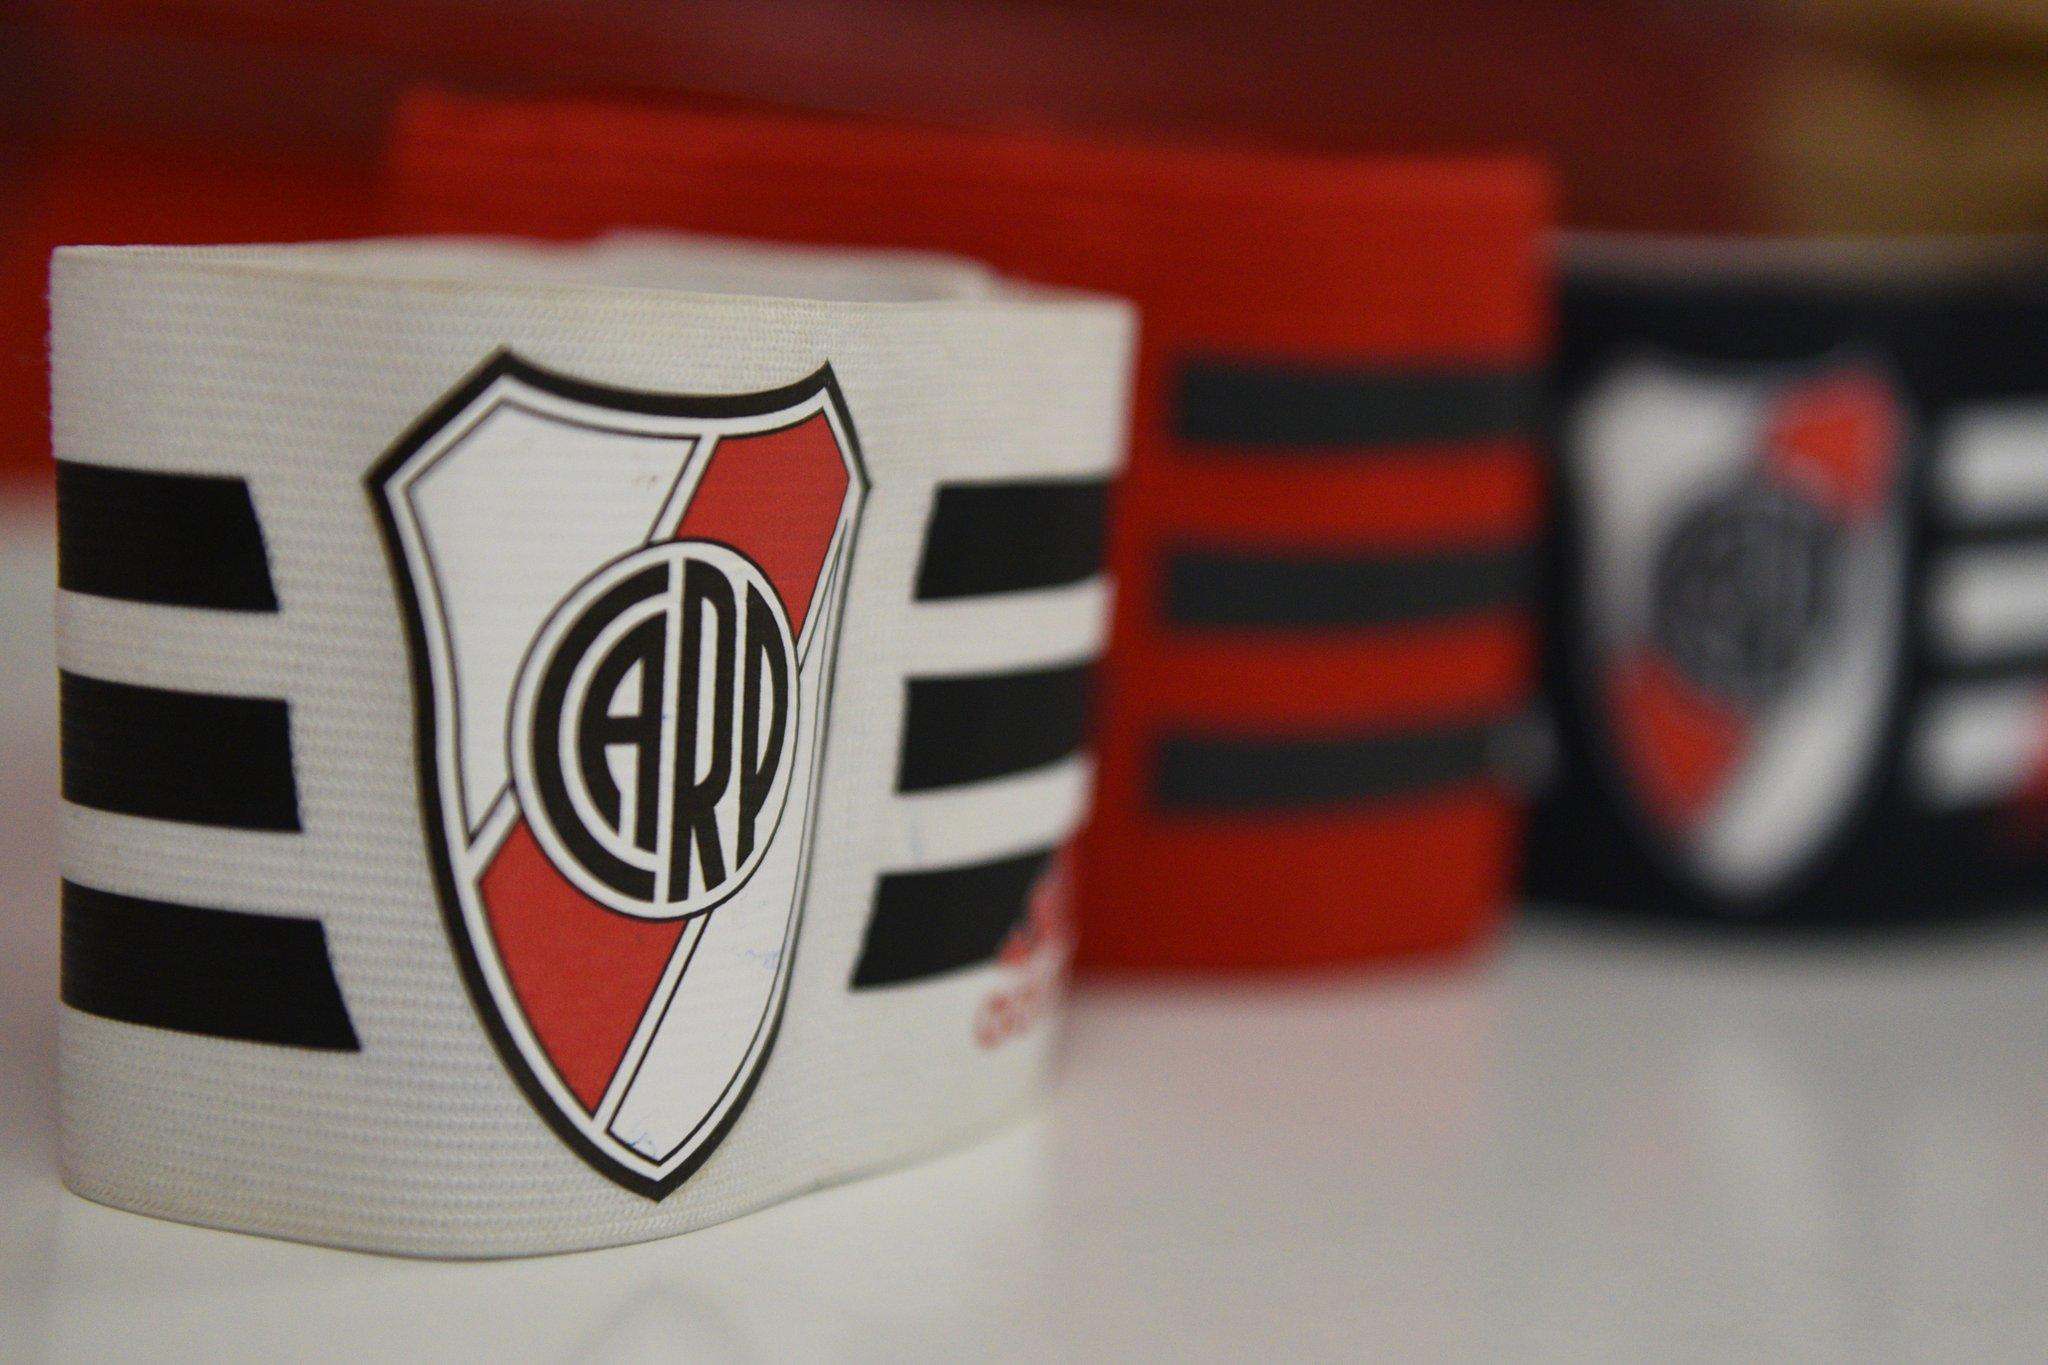 Coleccionables digitales blockchain de Sorare suman al grande del fútbol argentino River Plate